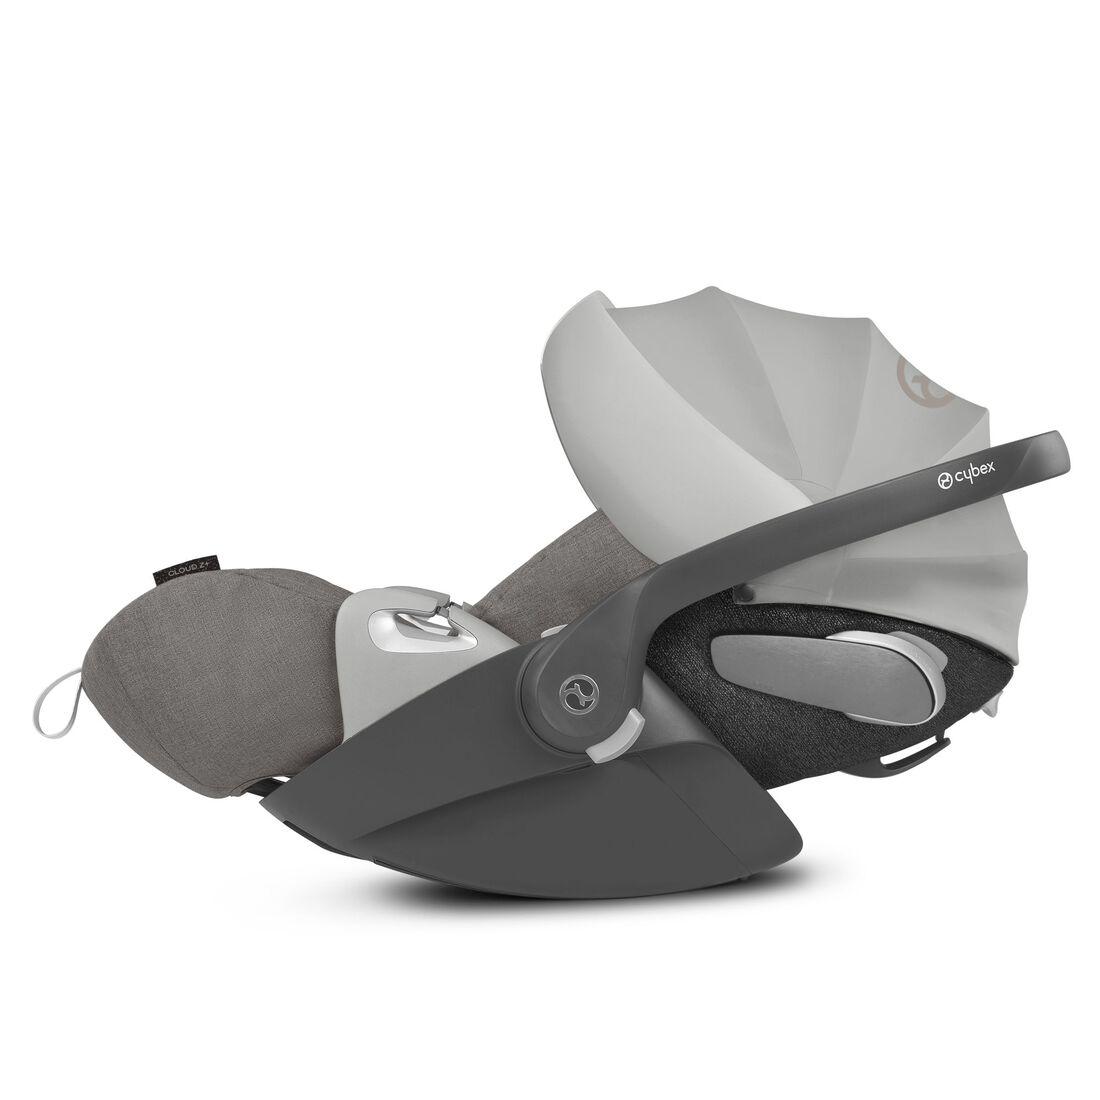 CYBEX Cloud Z i-Size - Soho Grey Plus in Soho Grey Plus large image number 1